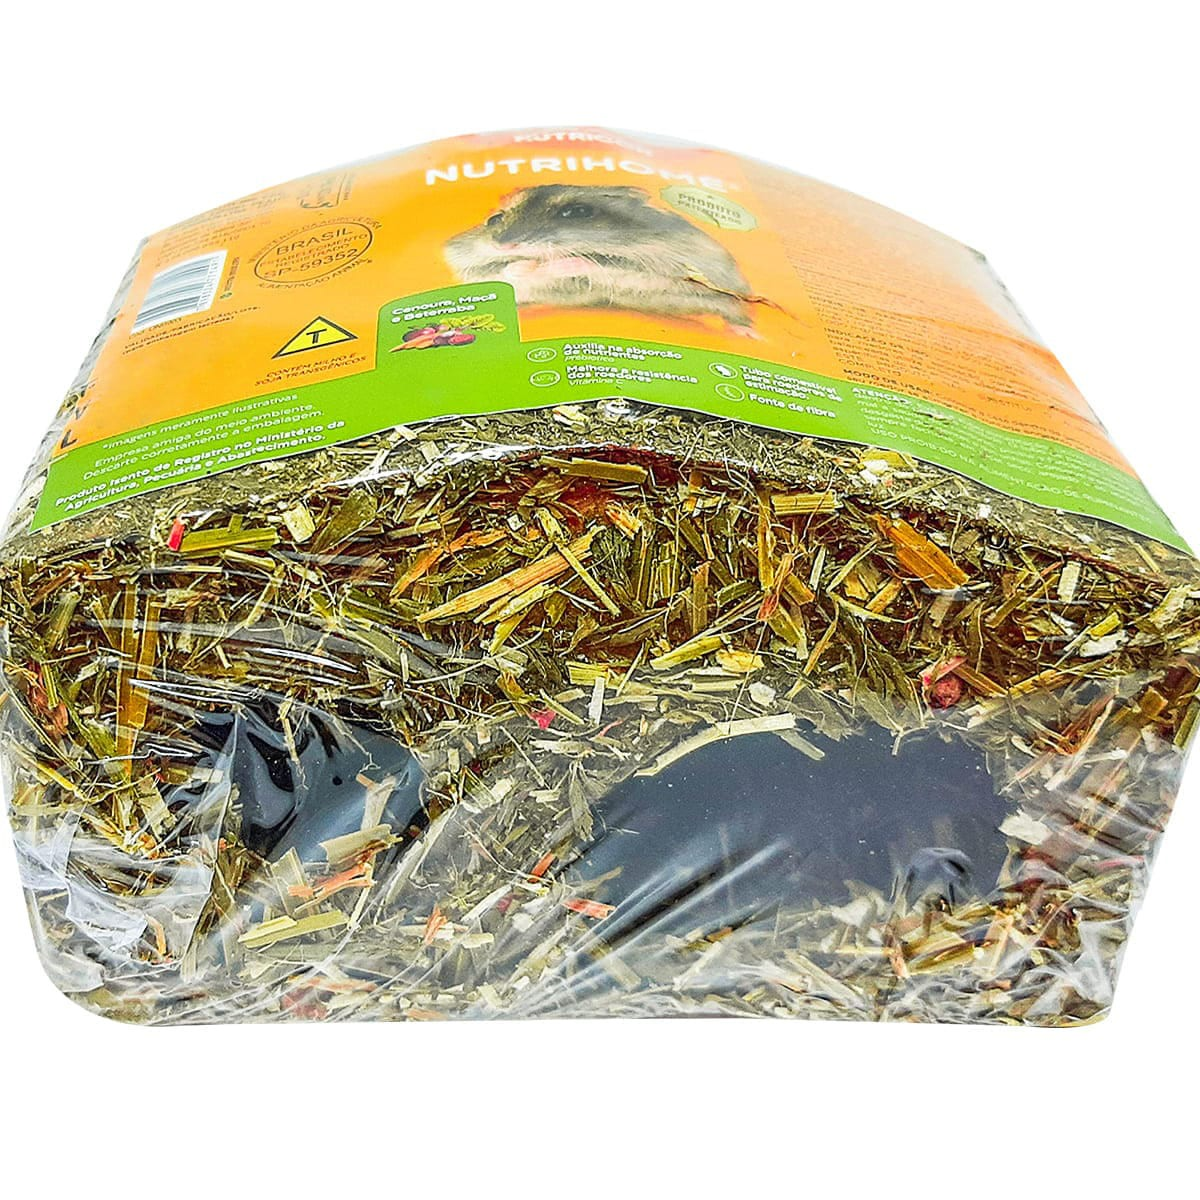 Nutricon Nutrihome 85g - Casinha comestível para Roedores